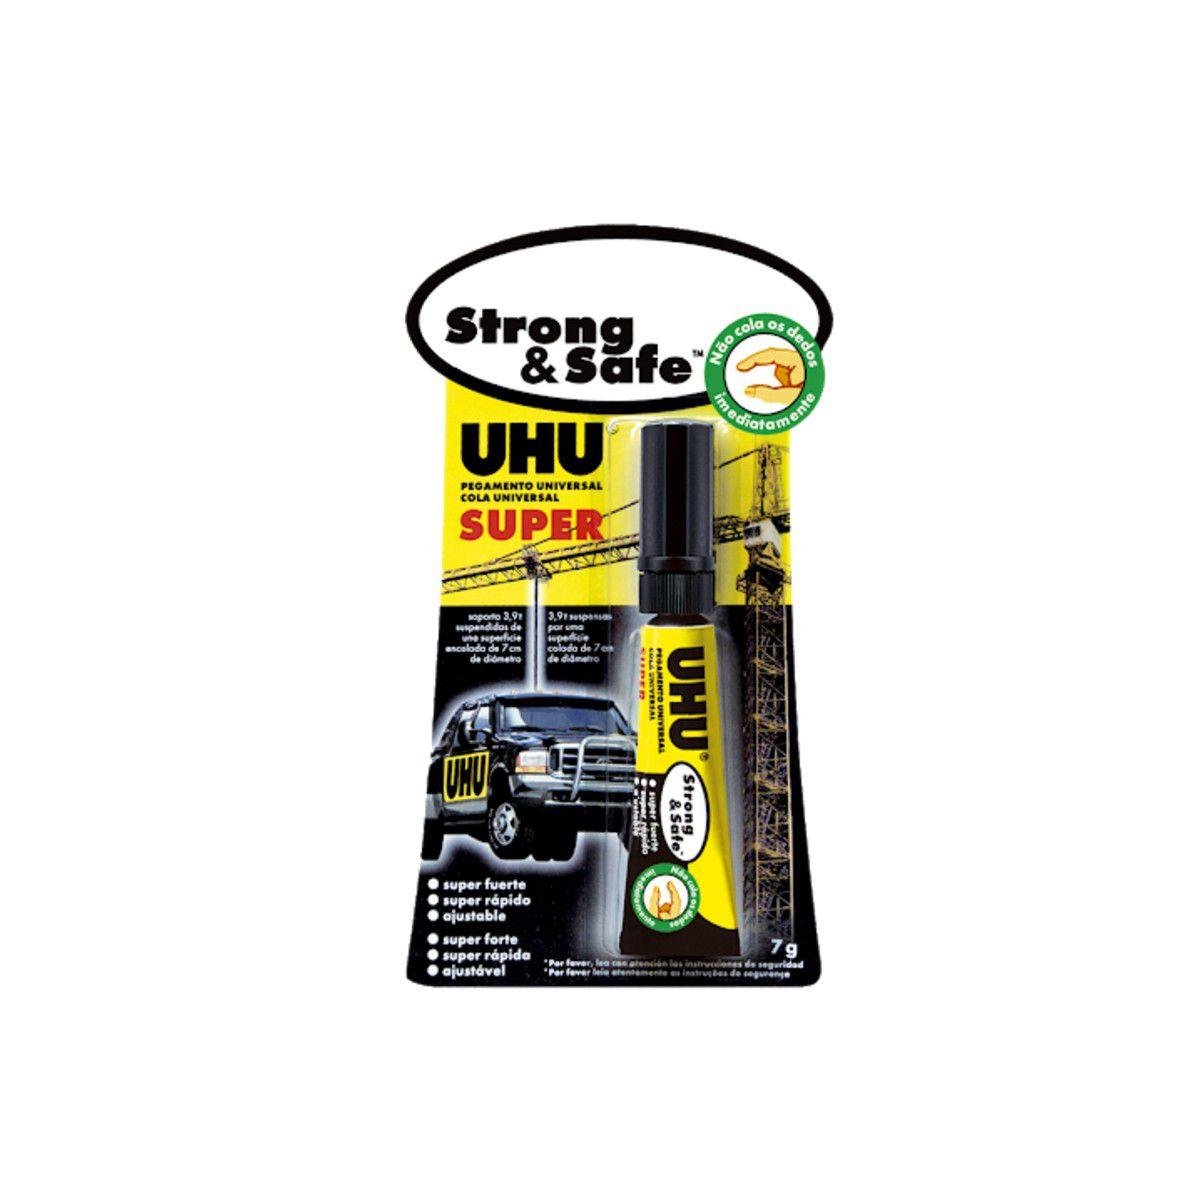 Cola Super Forte Strong & Safe UHU